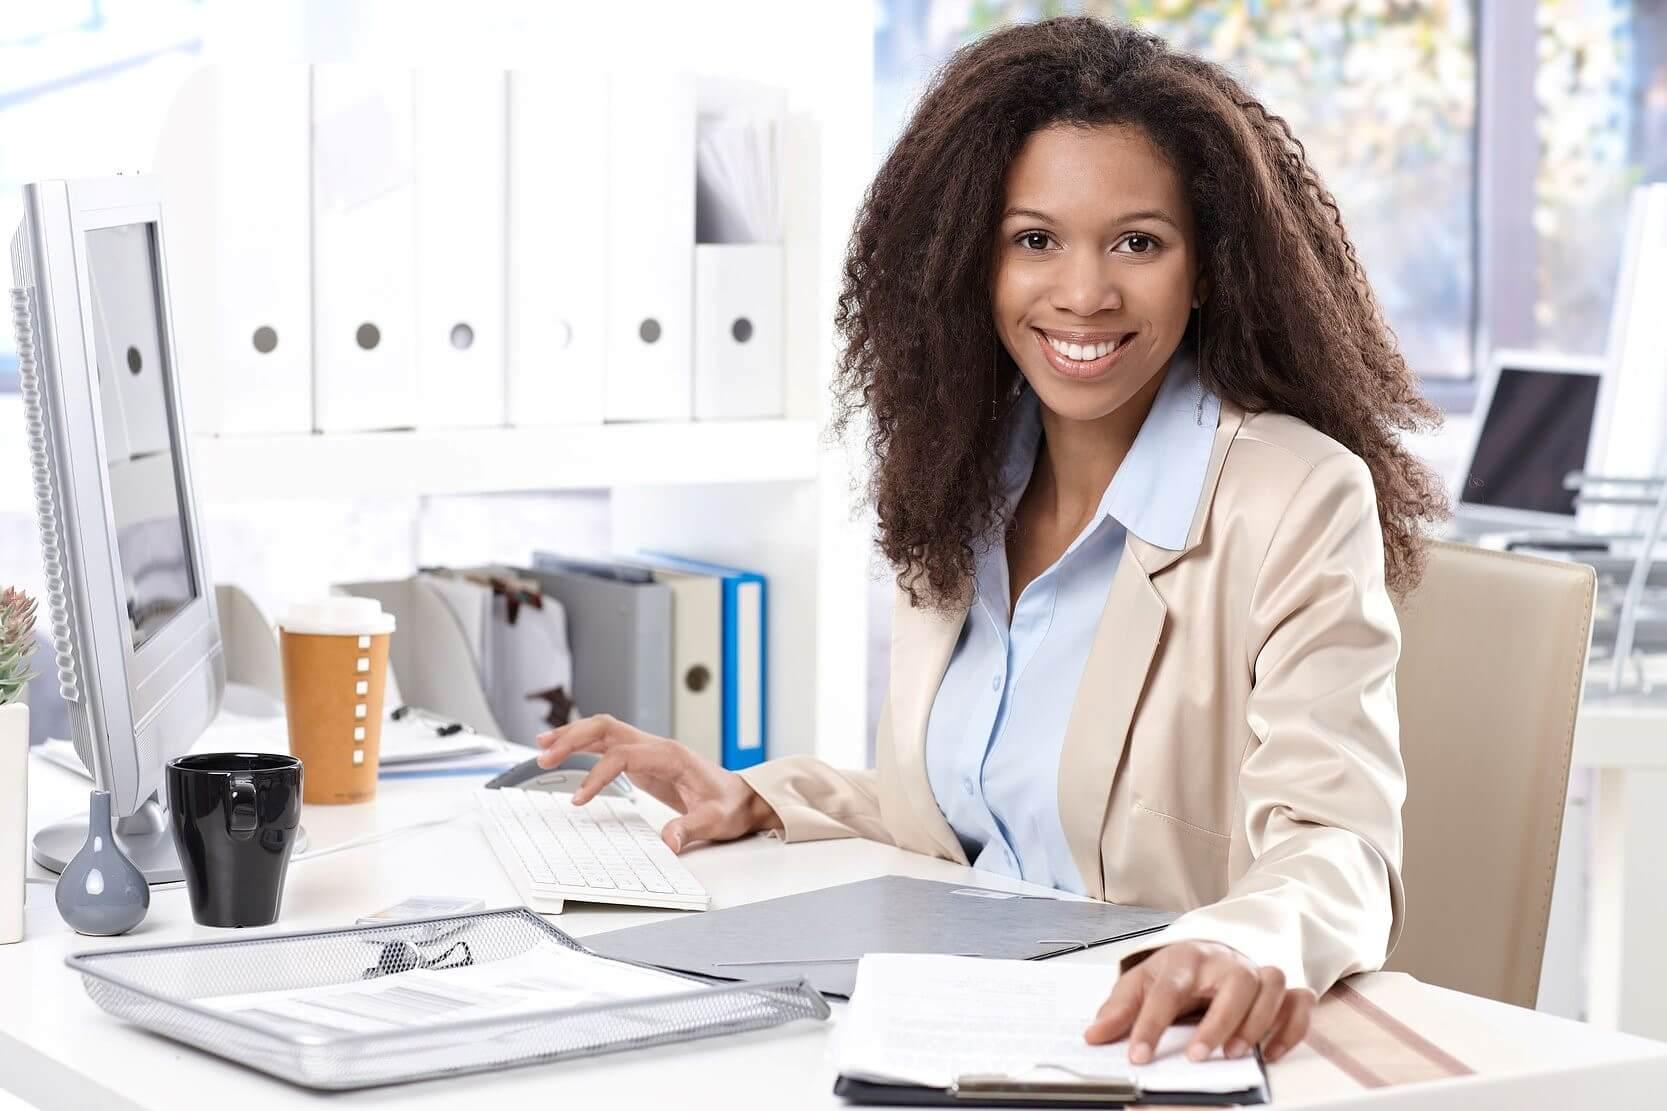 Tin học văn phòng là gì? Những kỹ năng cần có khi đi xin việc